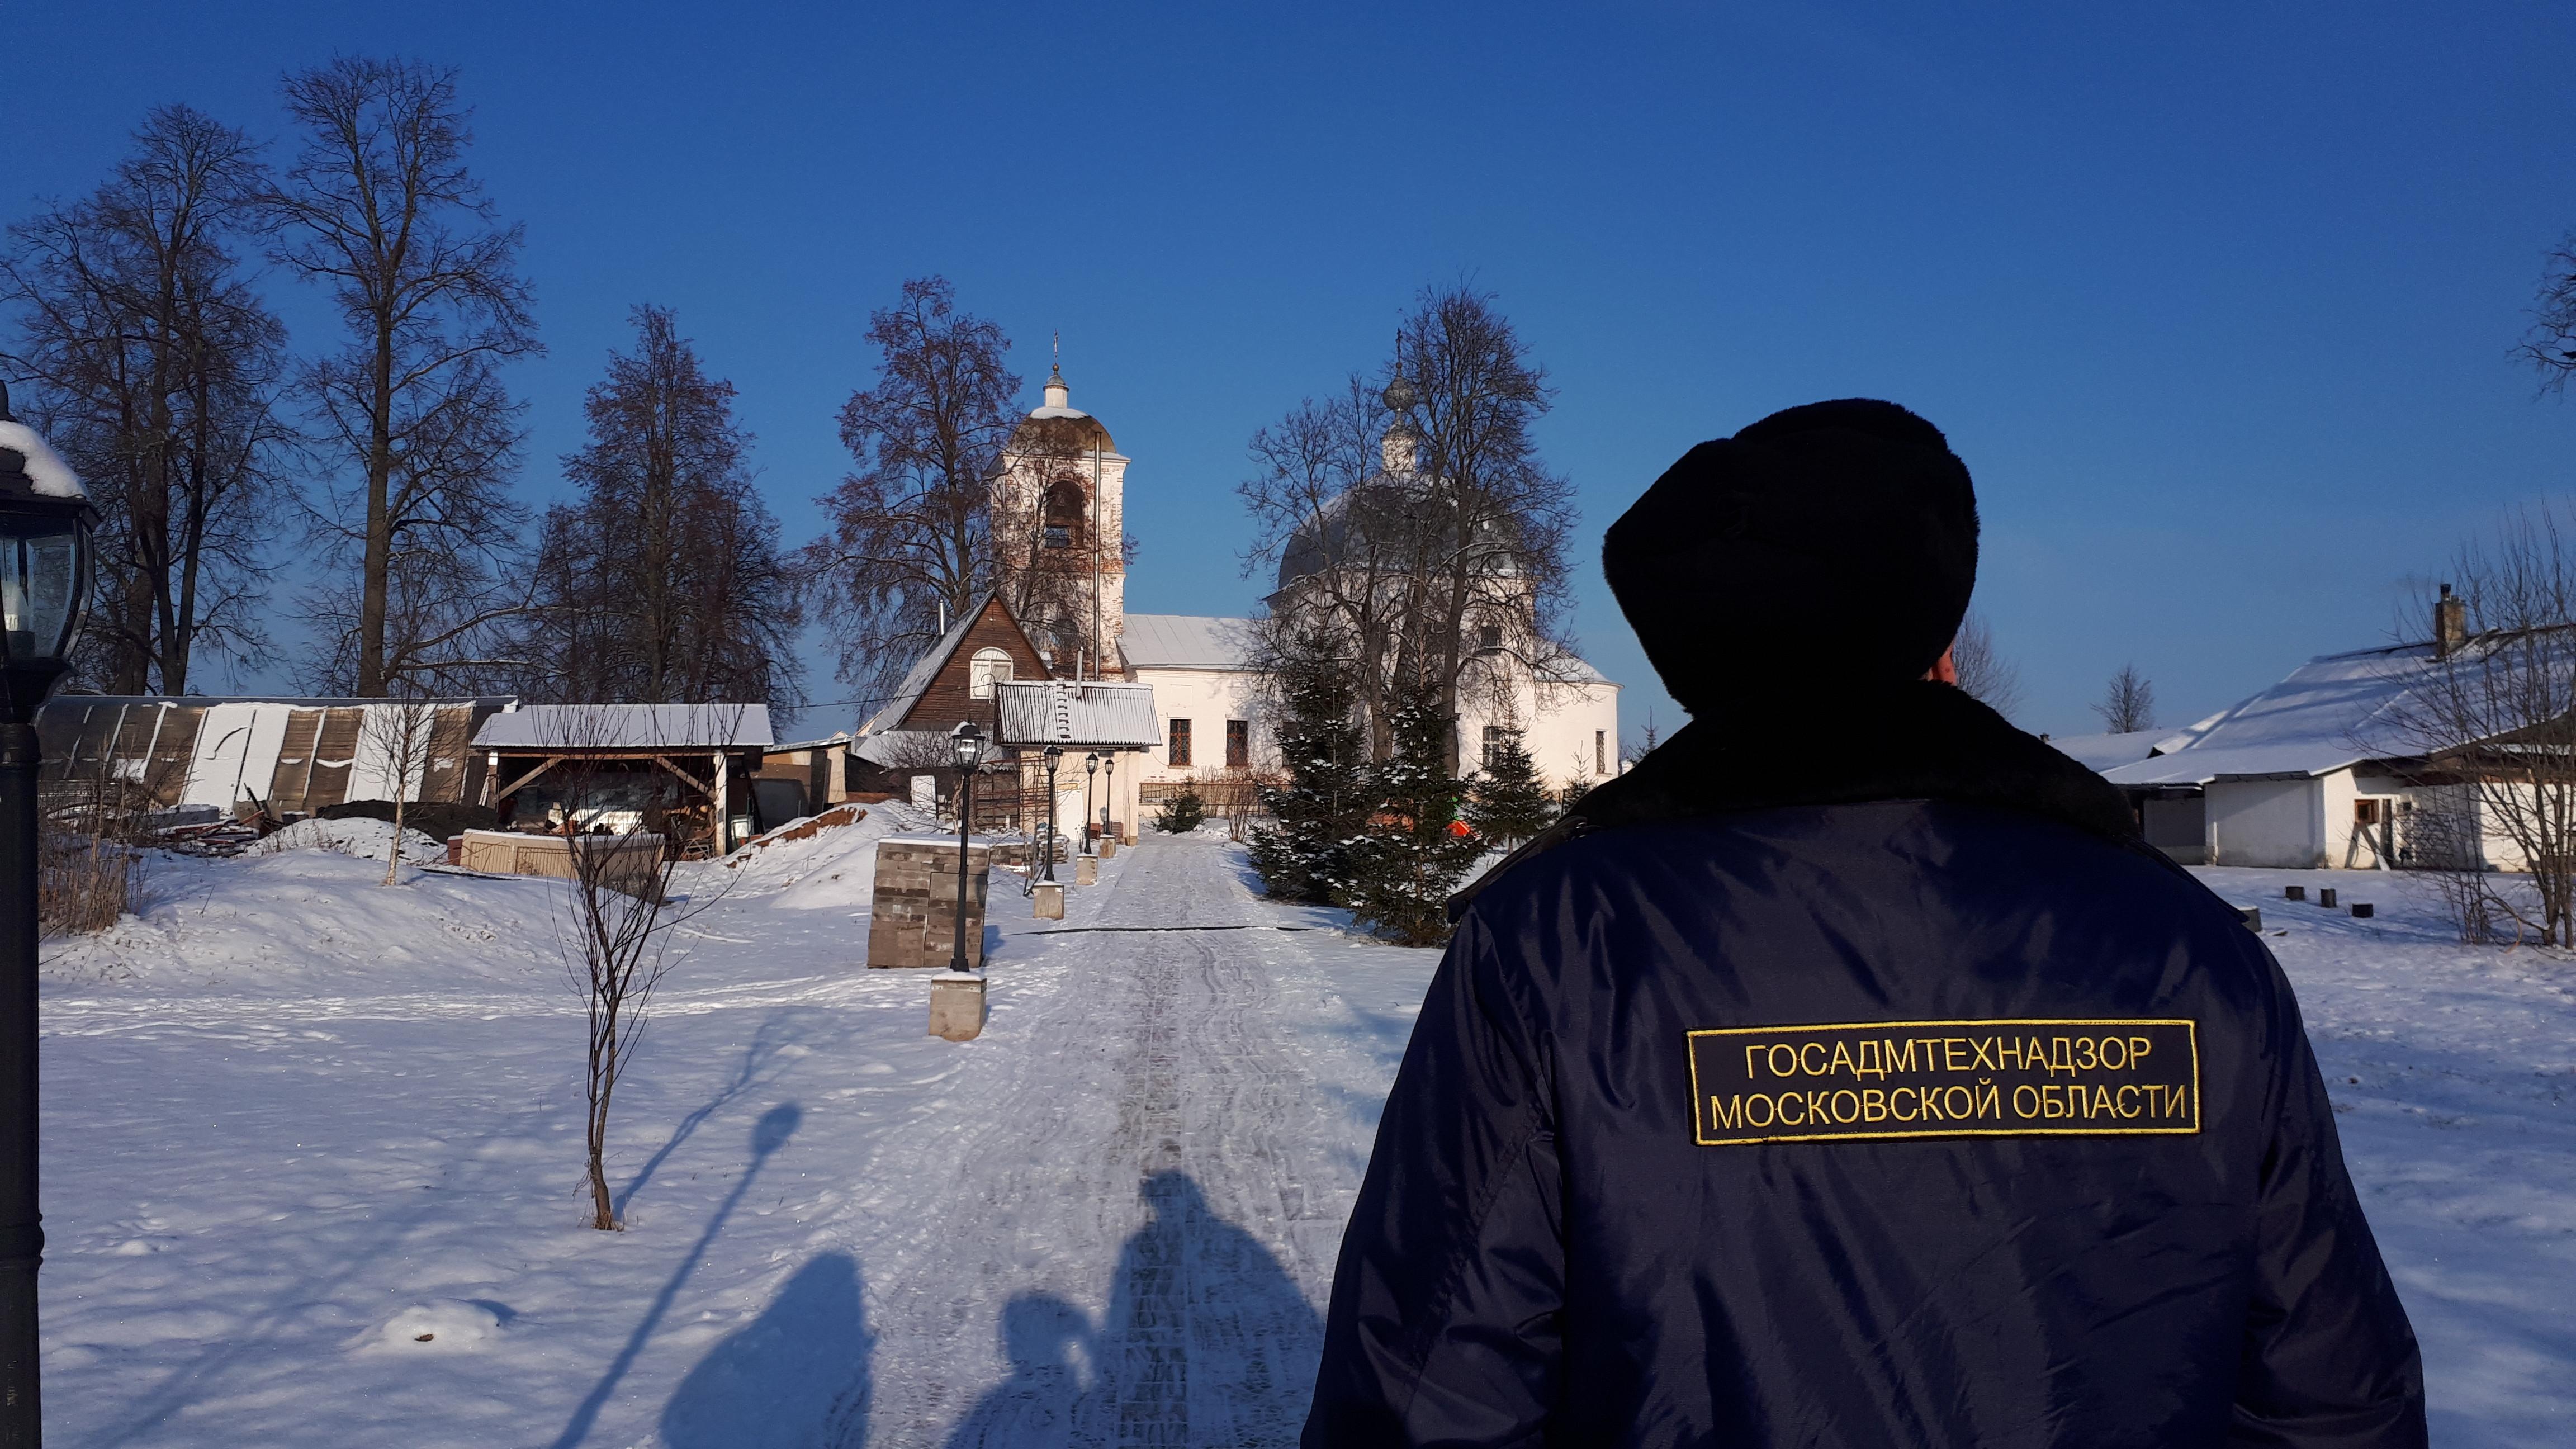 Госадмтехнадзор проверит содержание территорий близ подмосковных купелей накануне Крещения